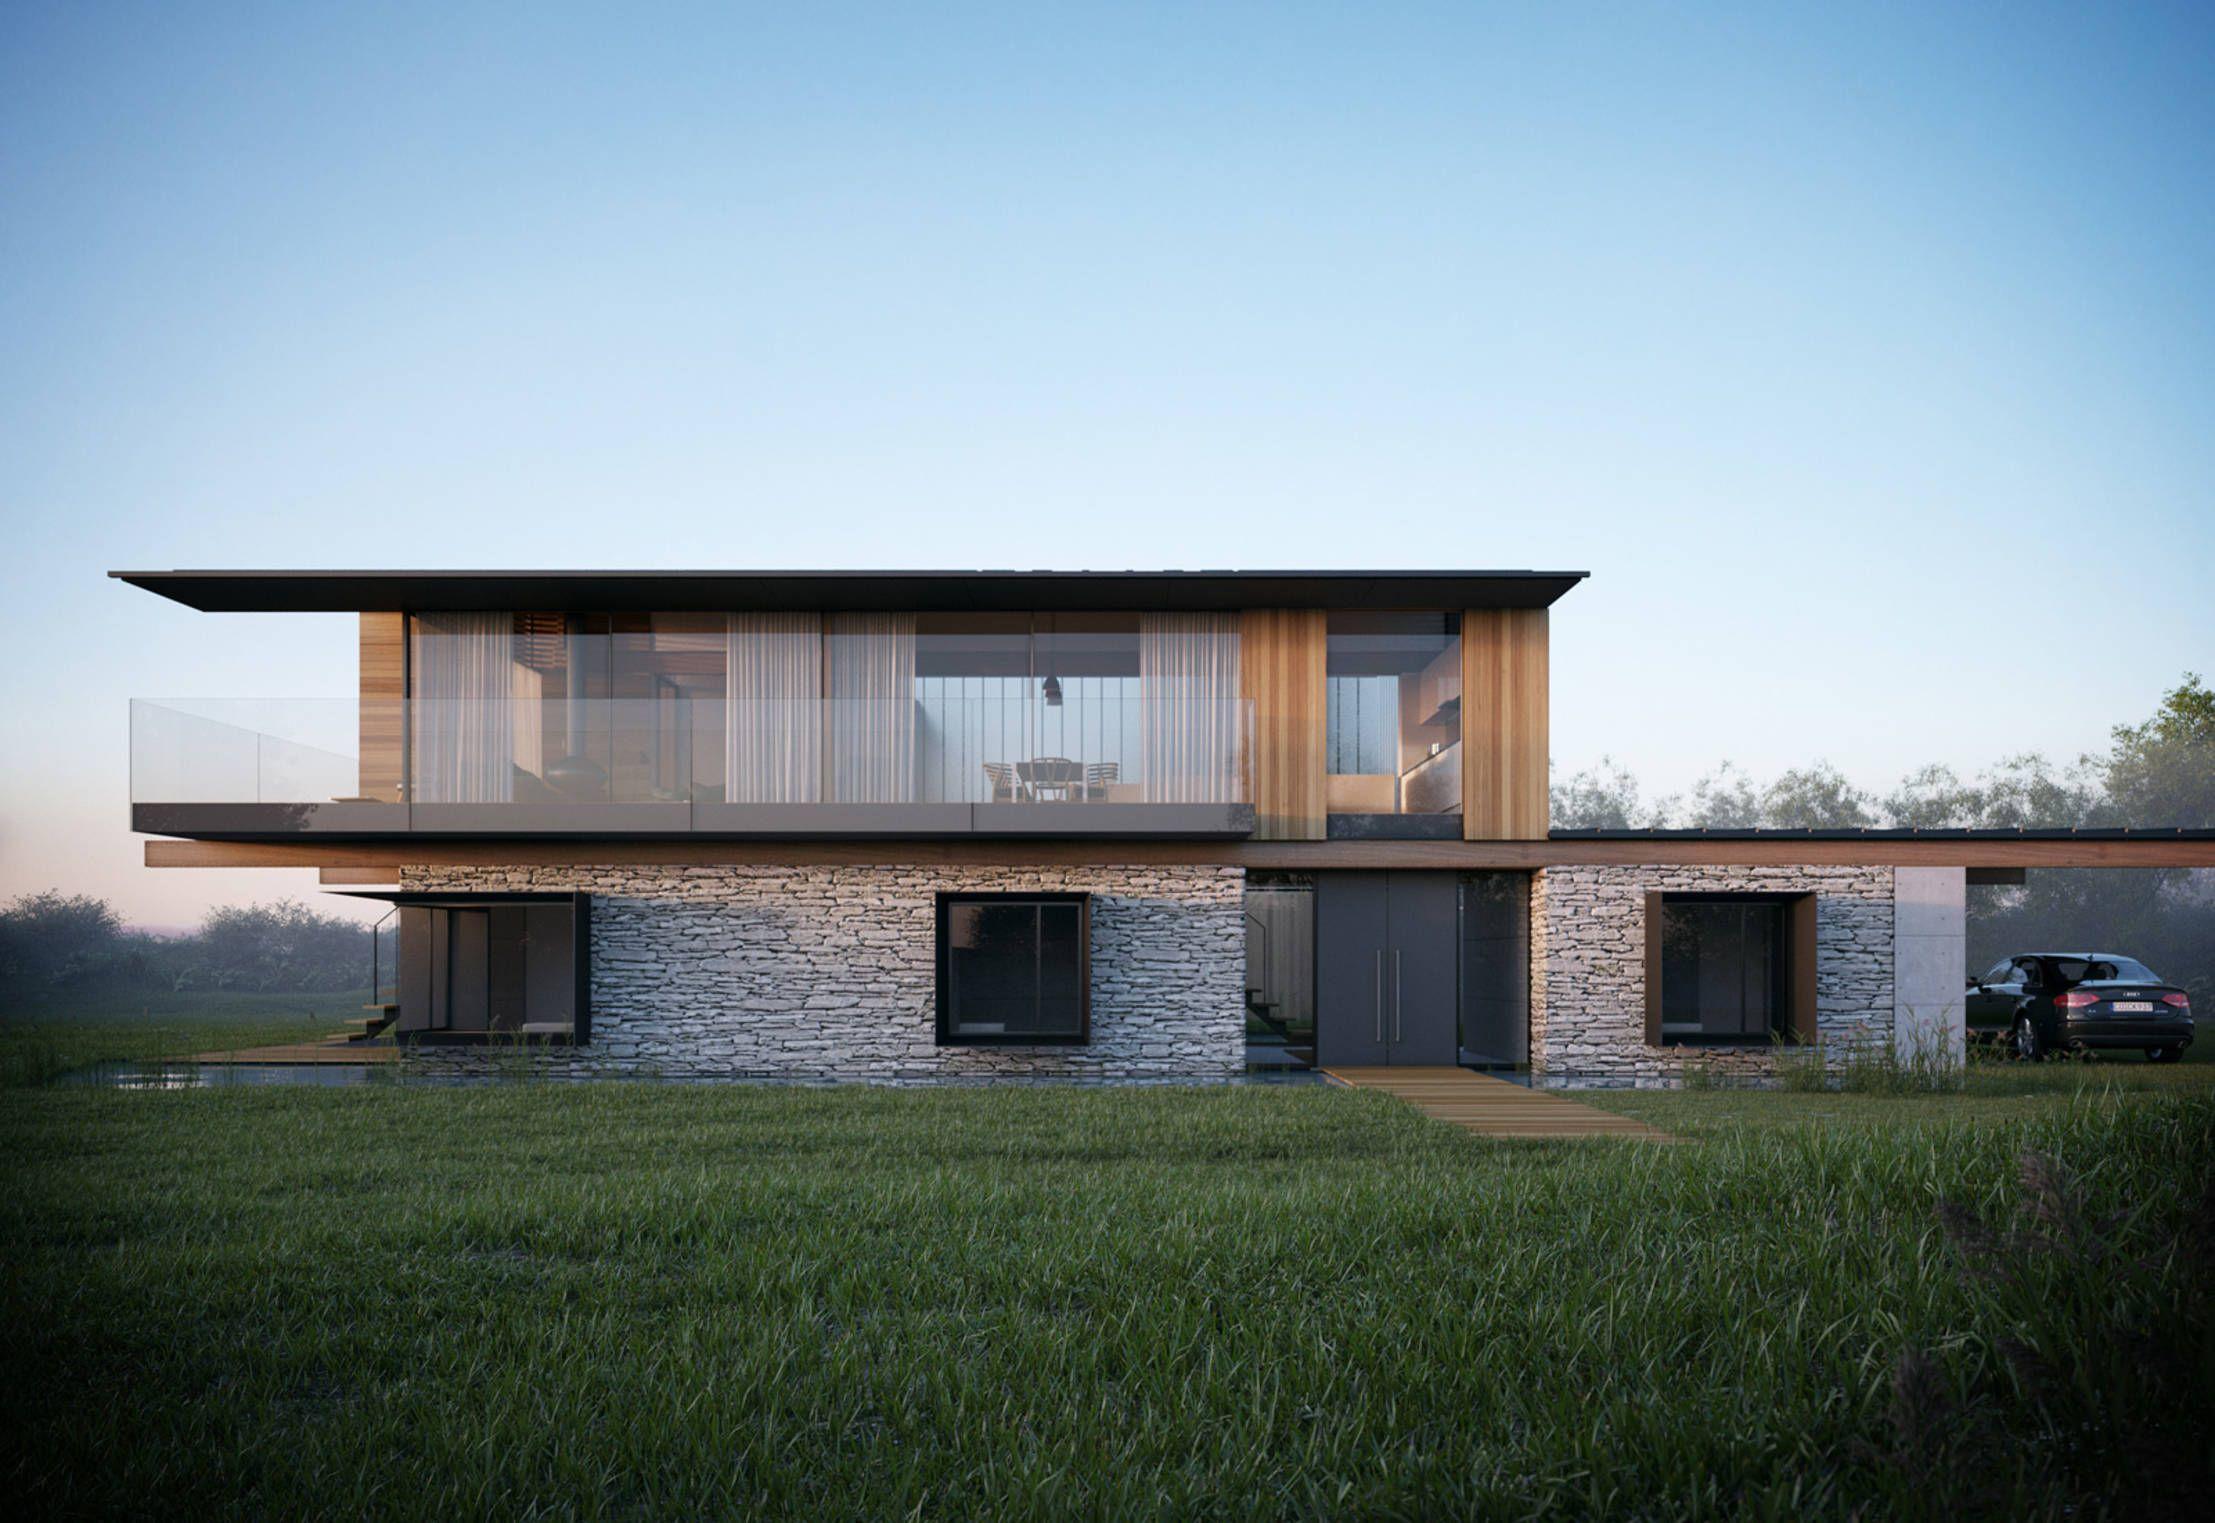 イギリス・ウェールズに計画された近未来的な住宅です。と言っても ...